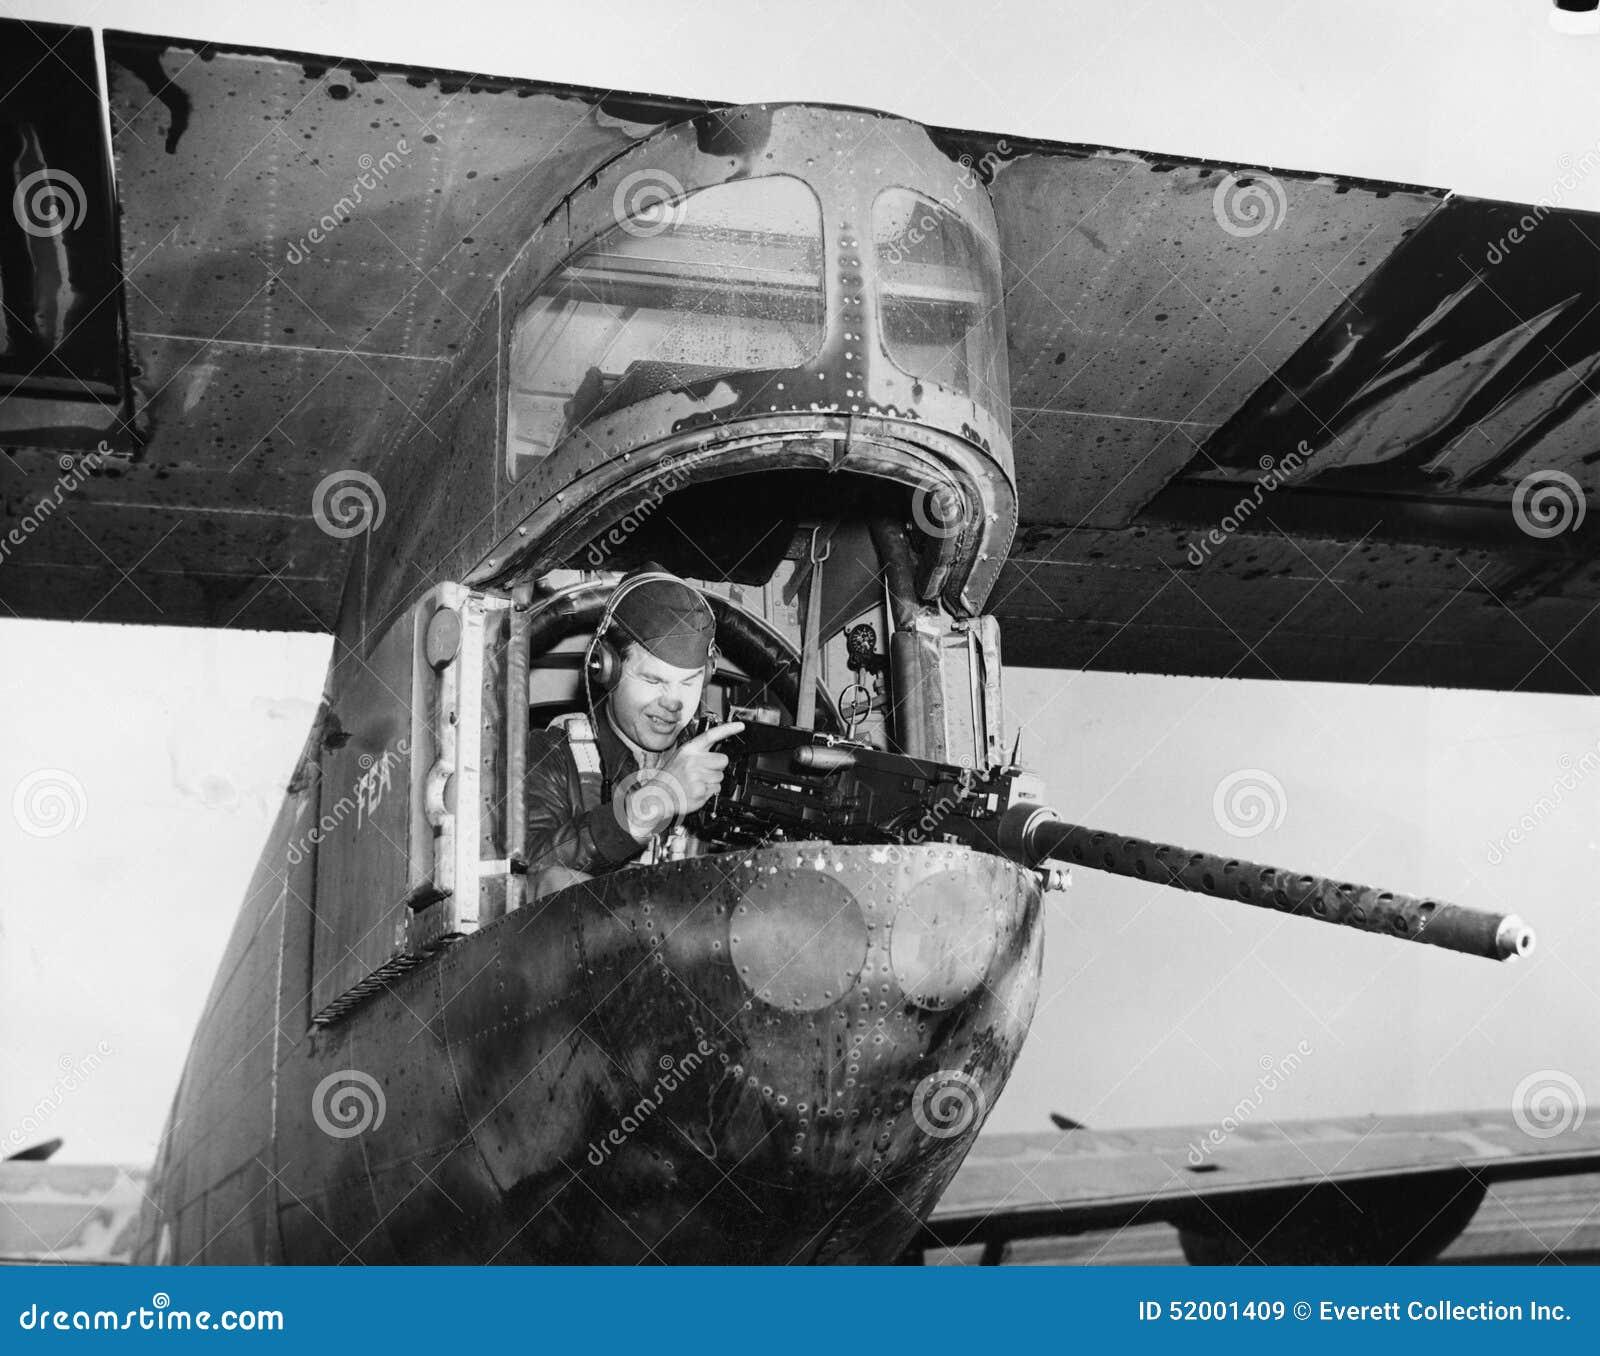 从飞机的炮兵生火(所有人被描述不更长生存,并且庄园不存在 供应商保单将有